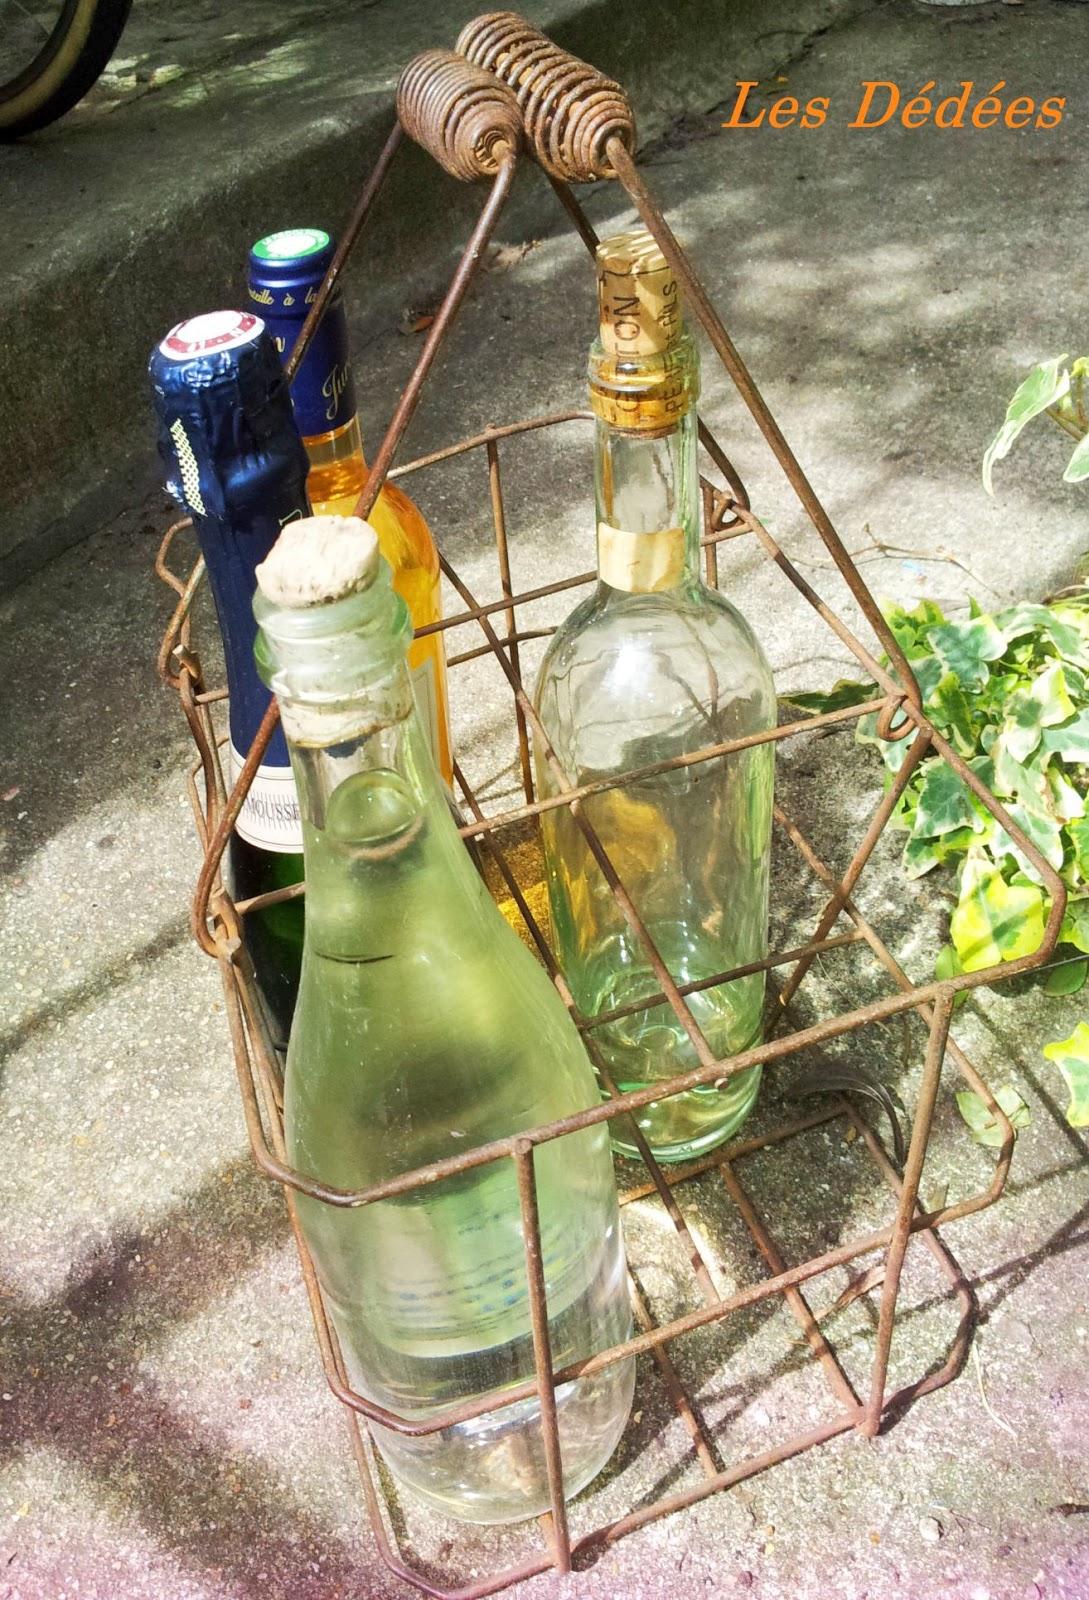 Les dedees : vintage, recup, creations: août 2013